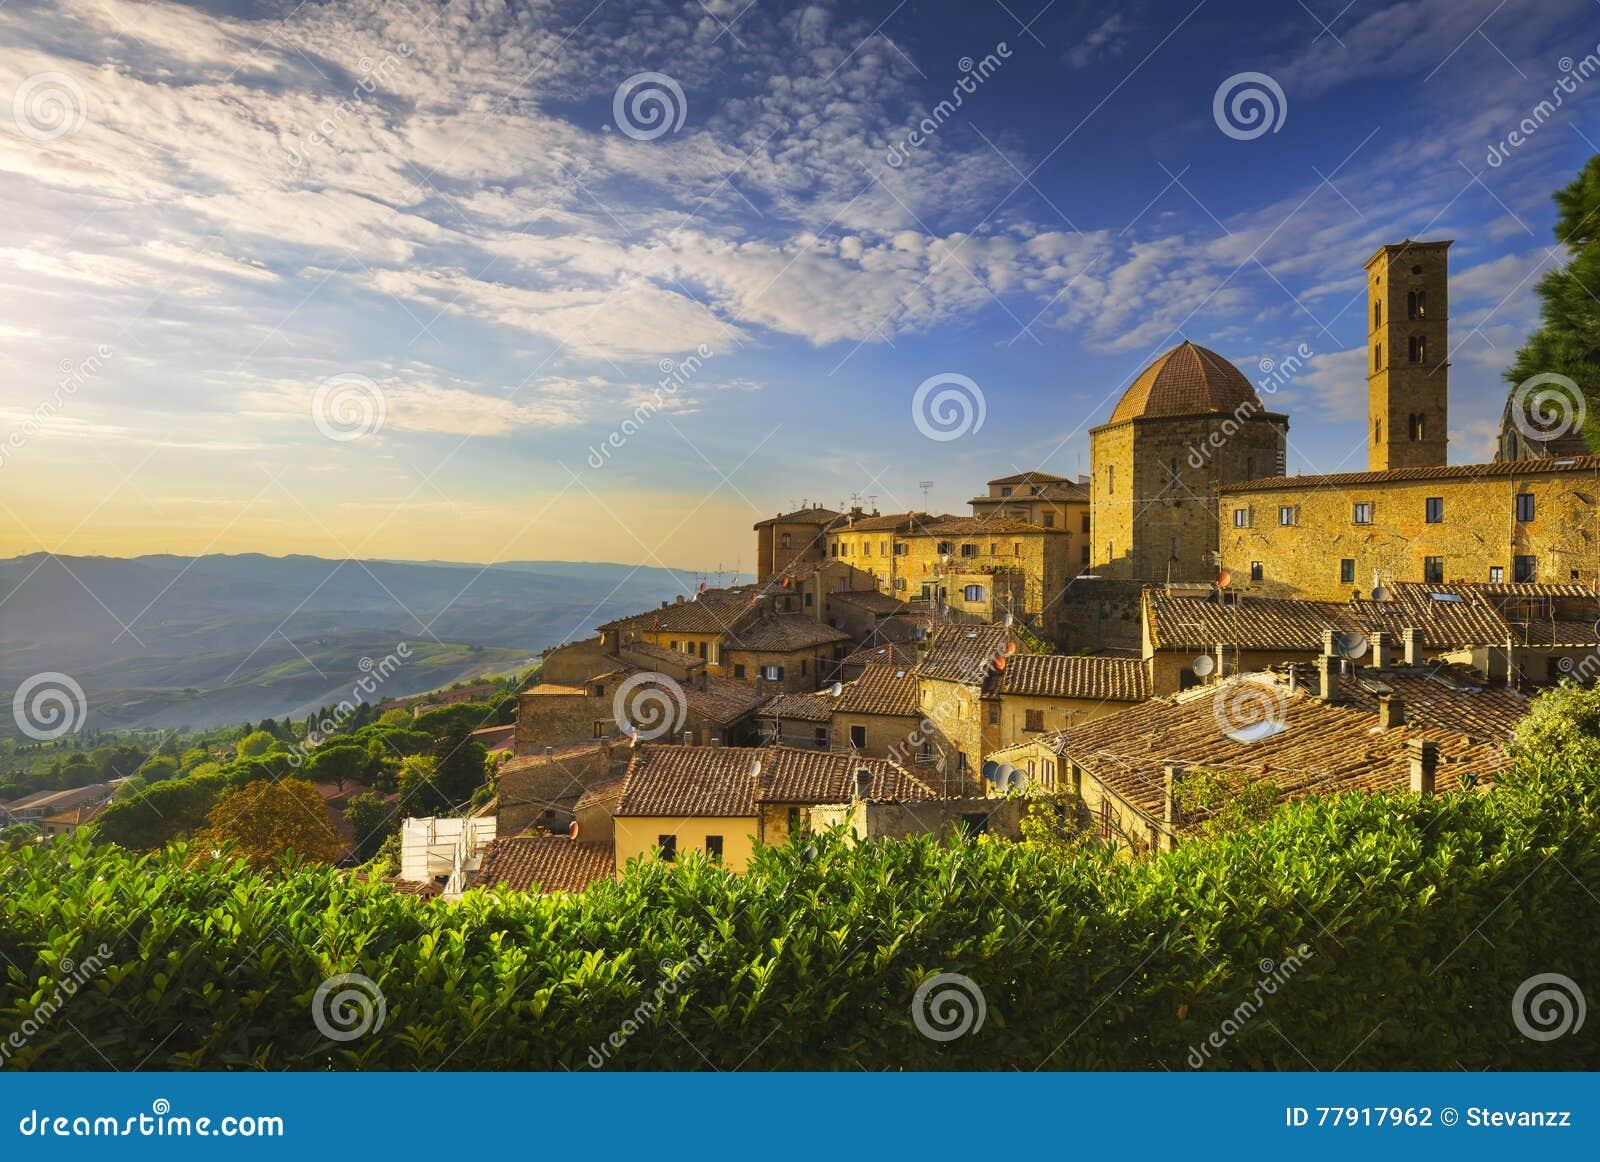 Tuscany, Volterra linii horyzontu, kościół i panoramy widok na słońcach, grodzki,